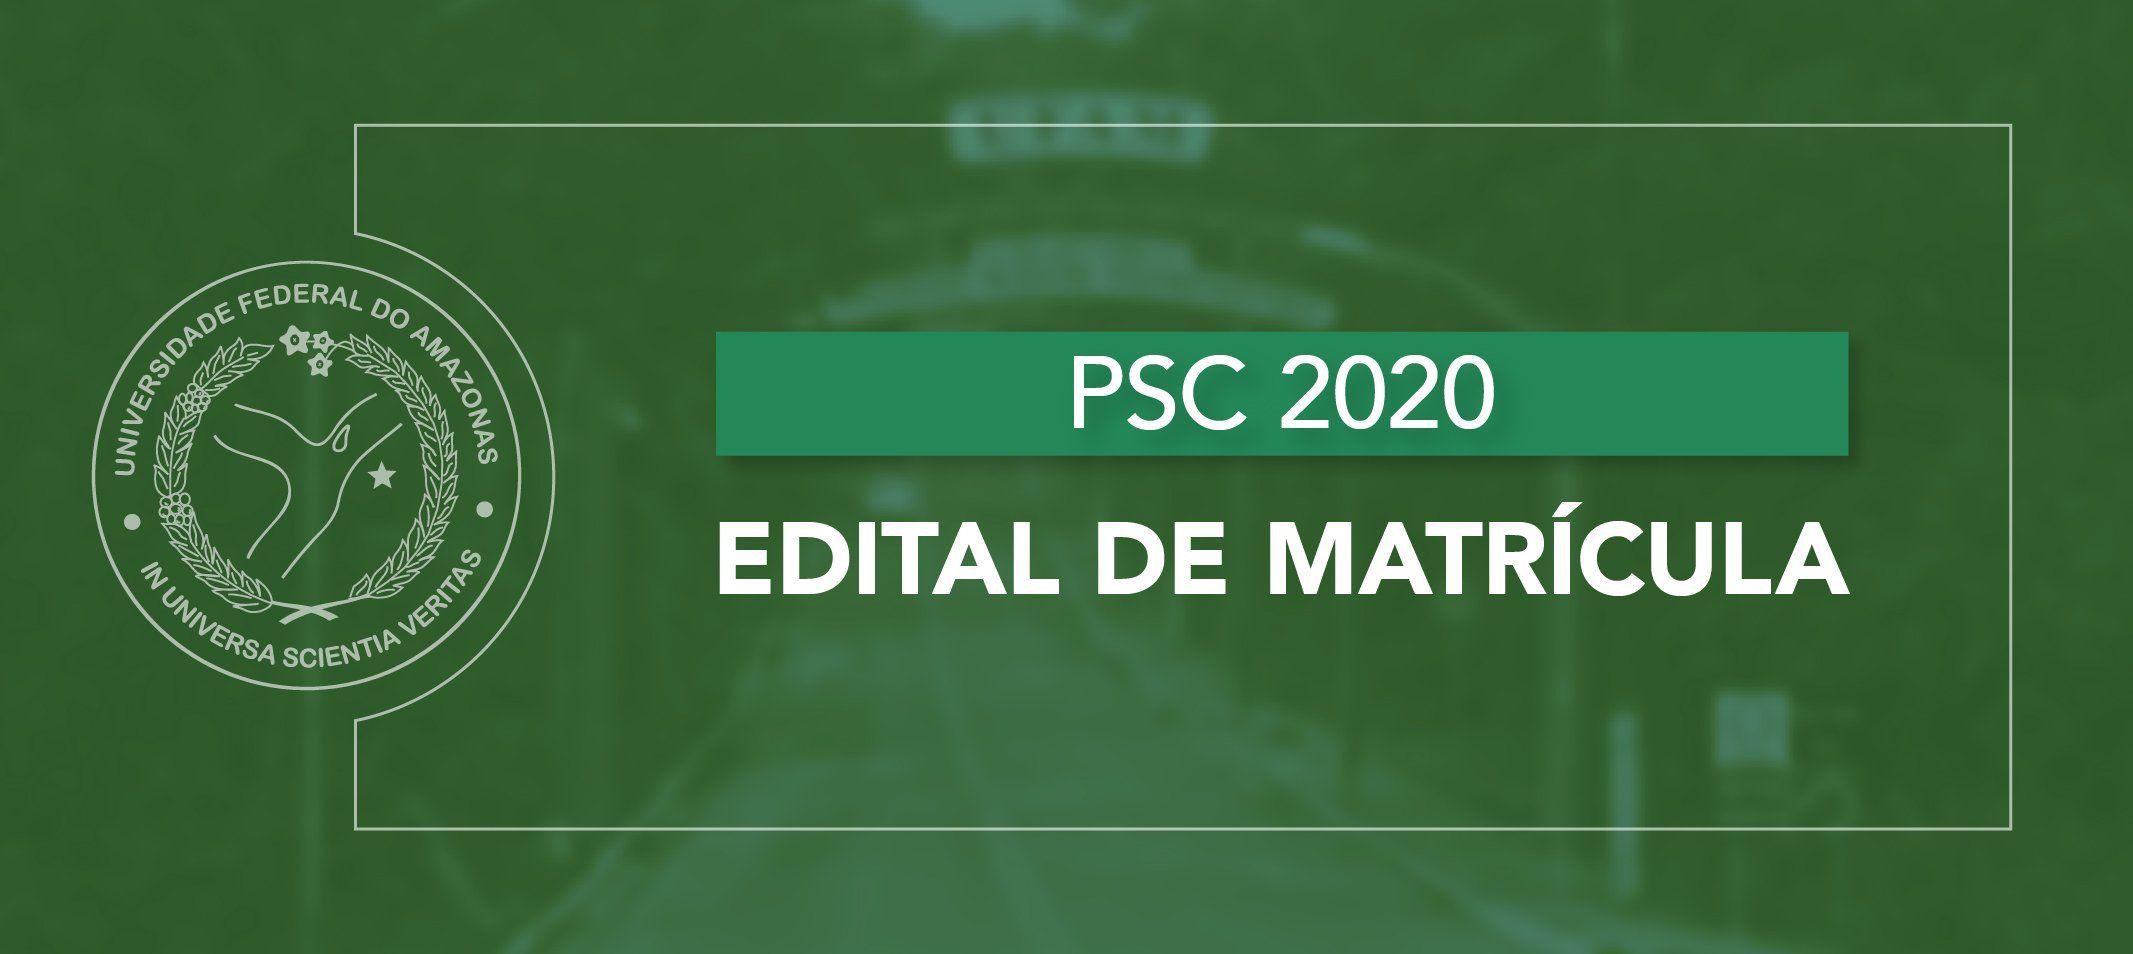 Proeg divulga retificação no edital de matrícula institucional aos classificados PSC 2020